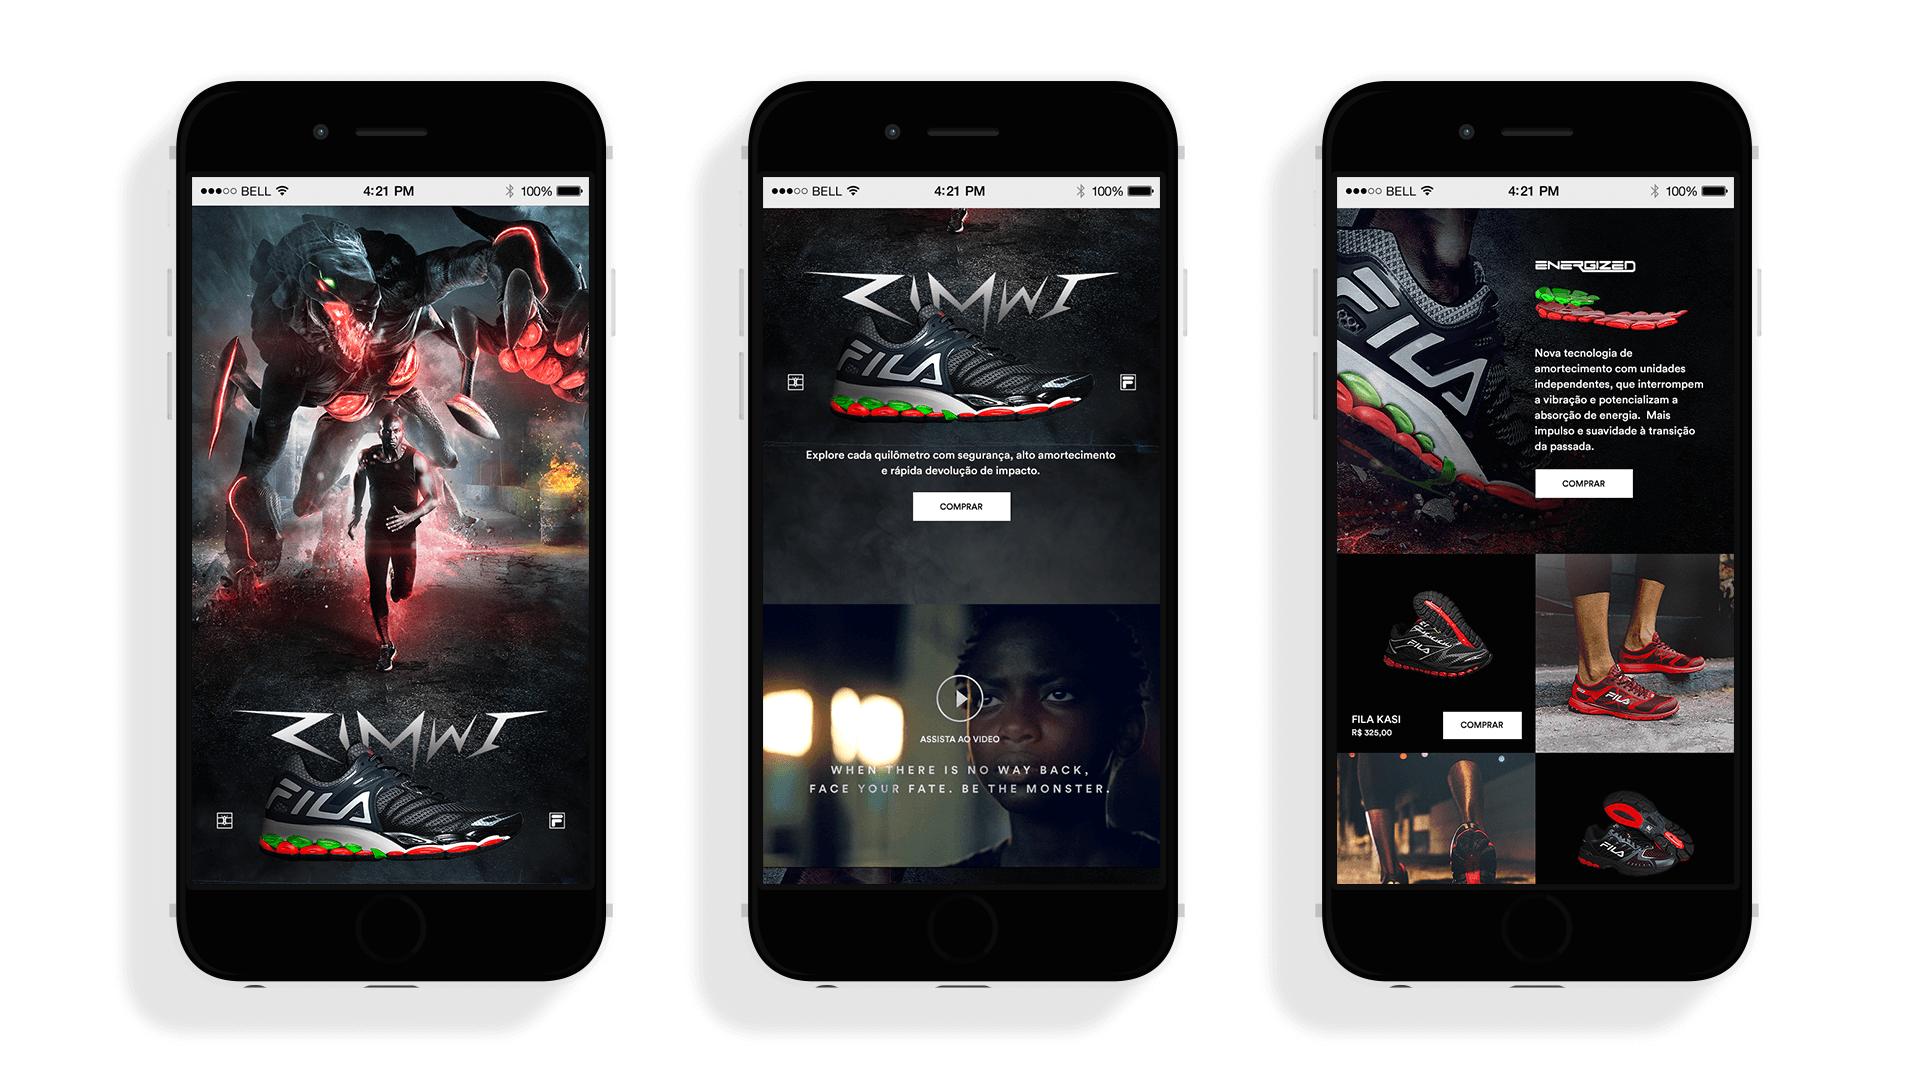 07-Mobile-project-filazimwi